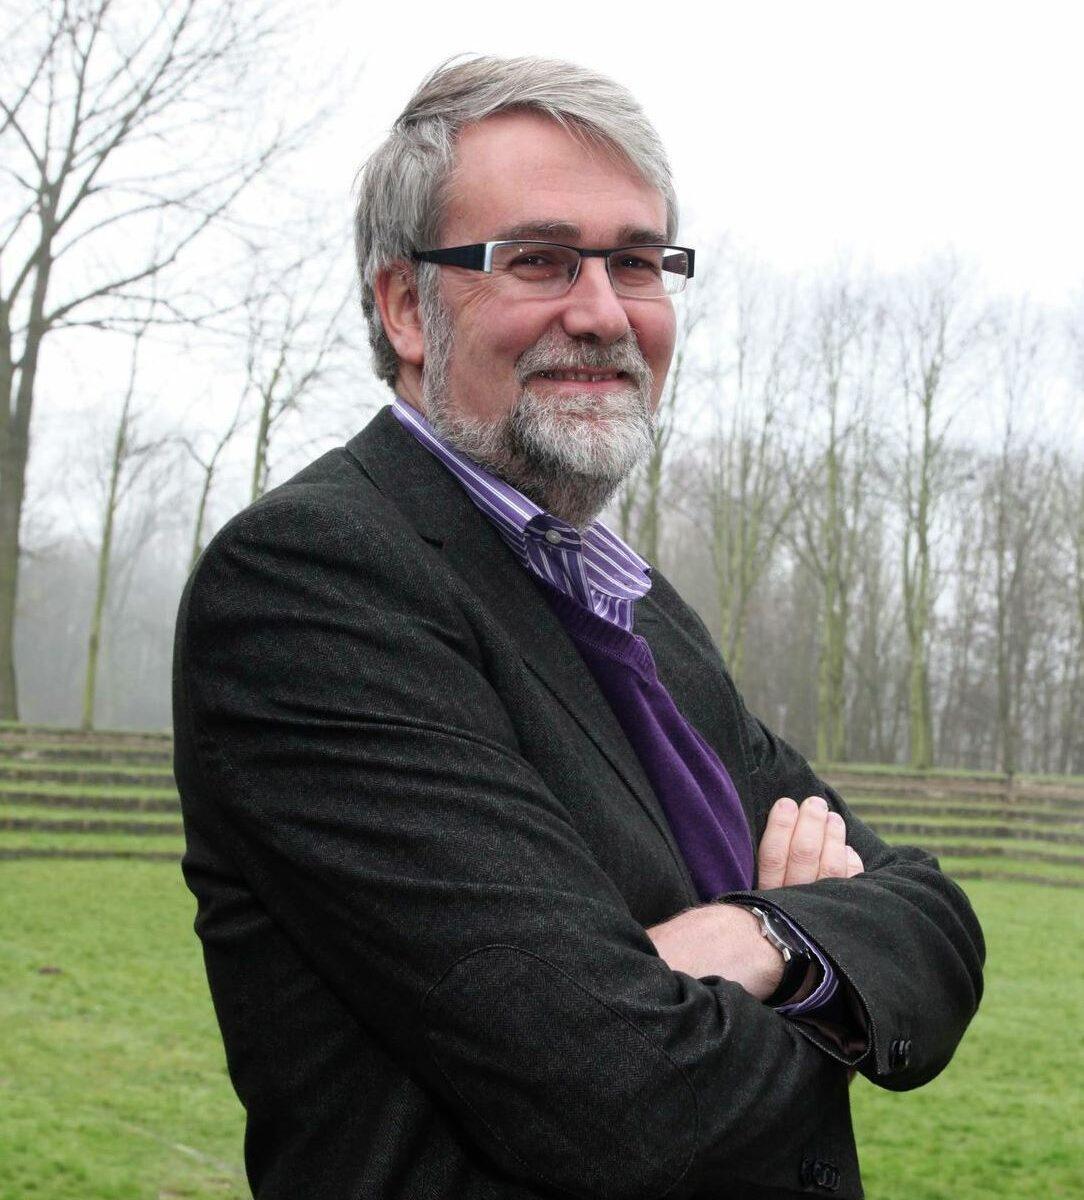 Paul Van Royen